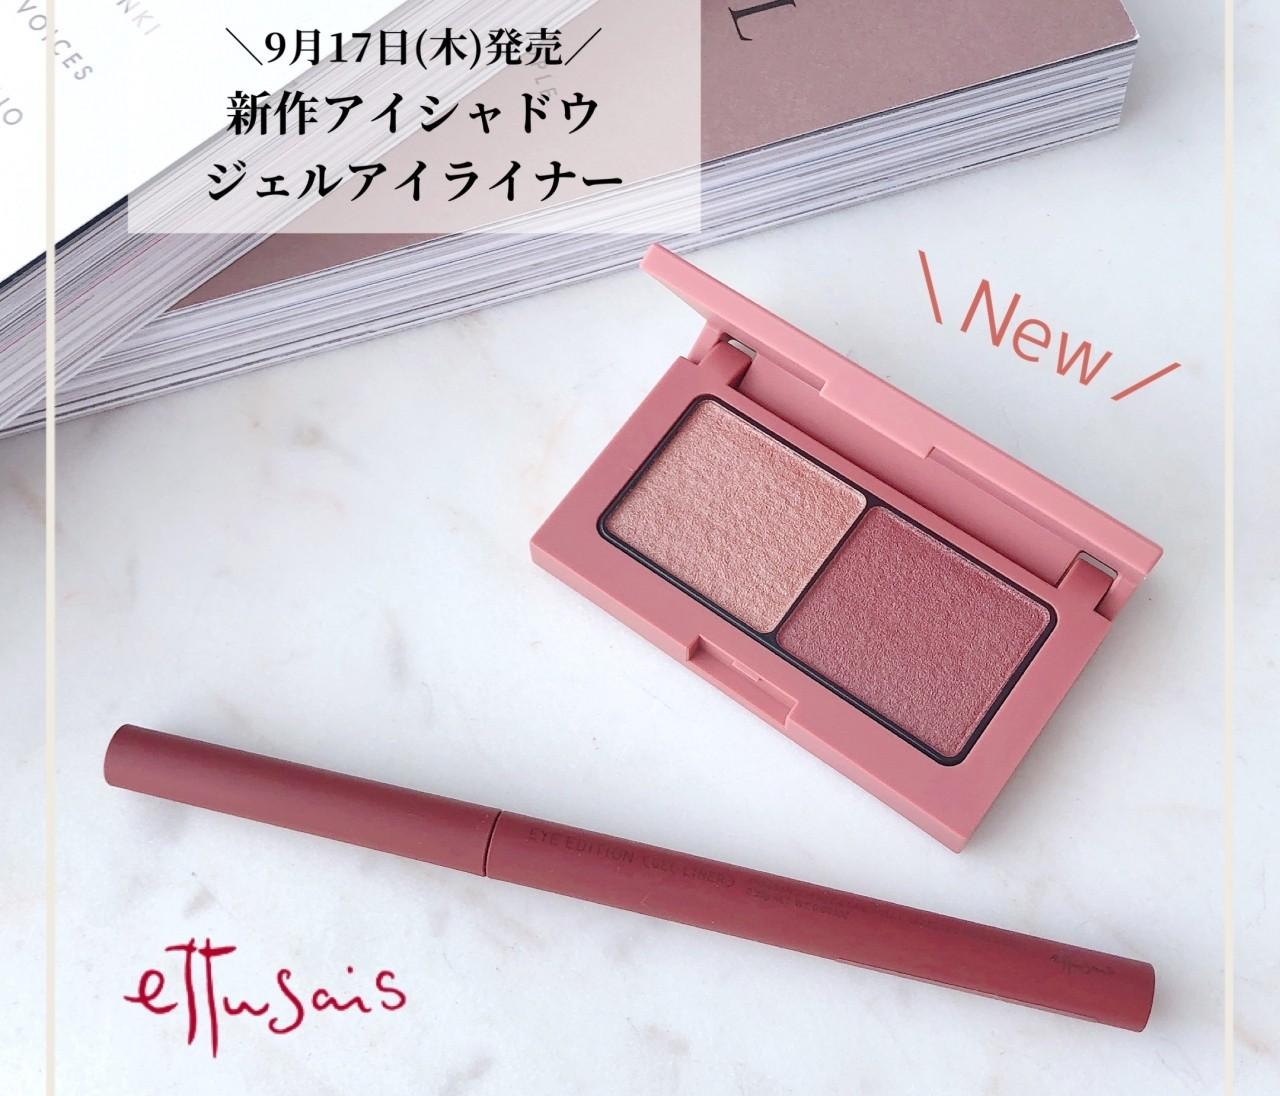 【エテュセ秋新作】くすみカラーが可愛いアイエディション♡